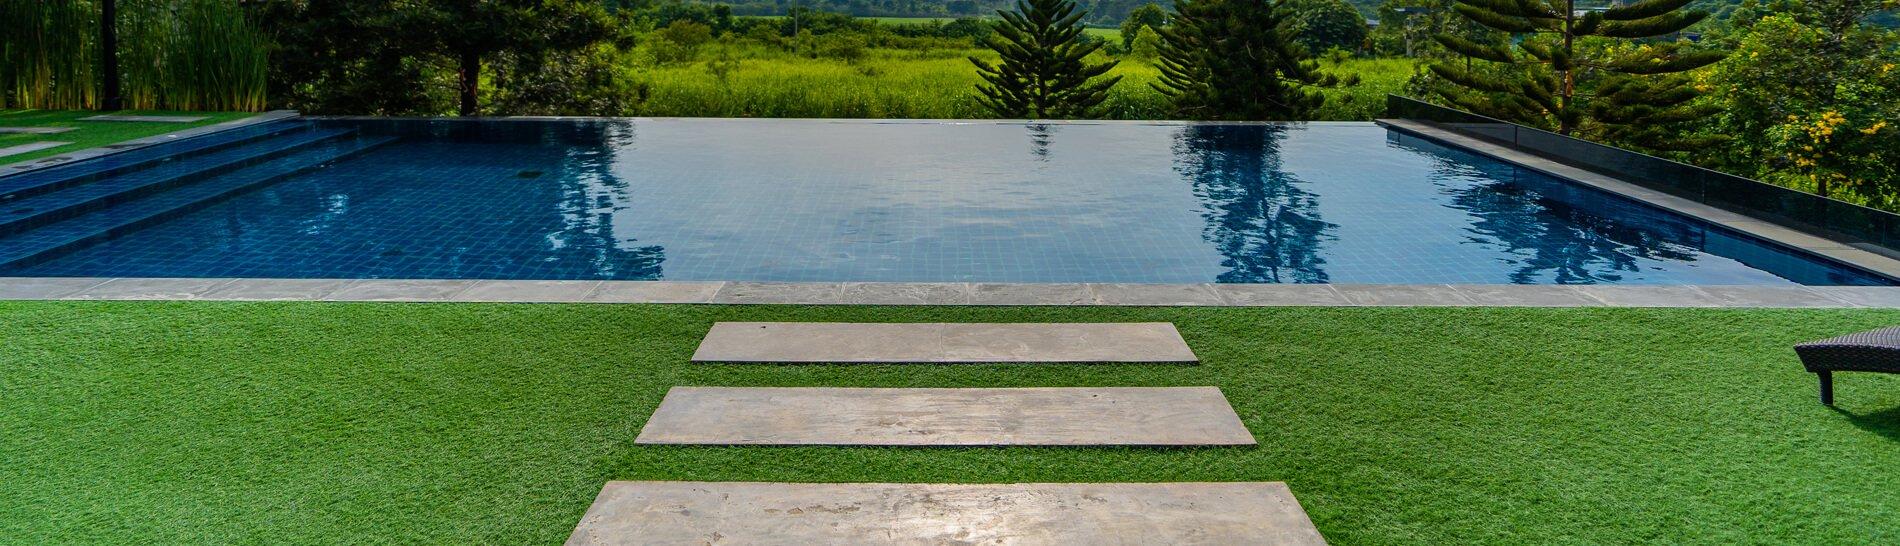 Constructeur piscine morbihan vannes baud mgw piscines - Construction piscine reglementation ...